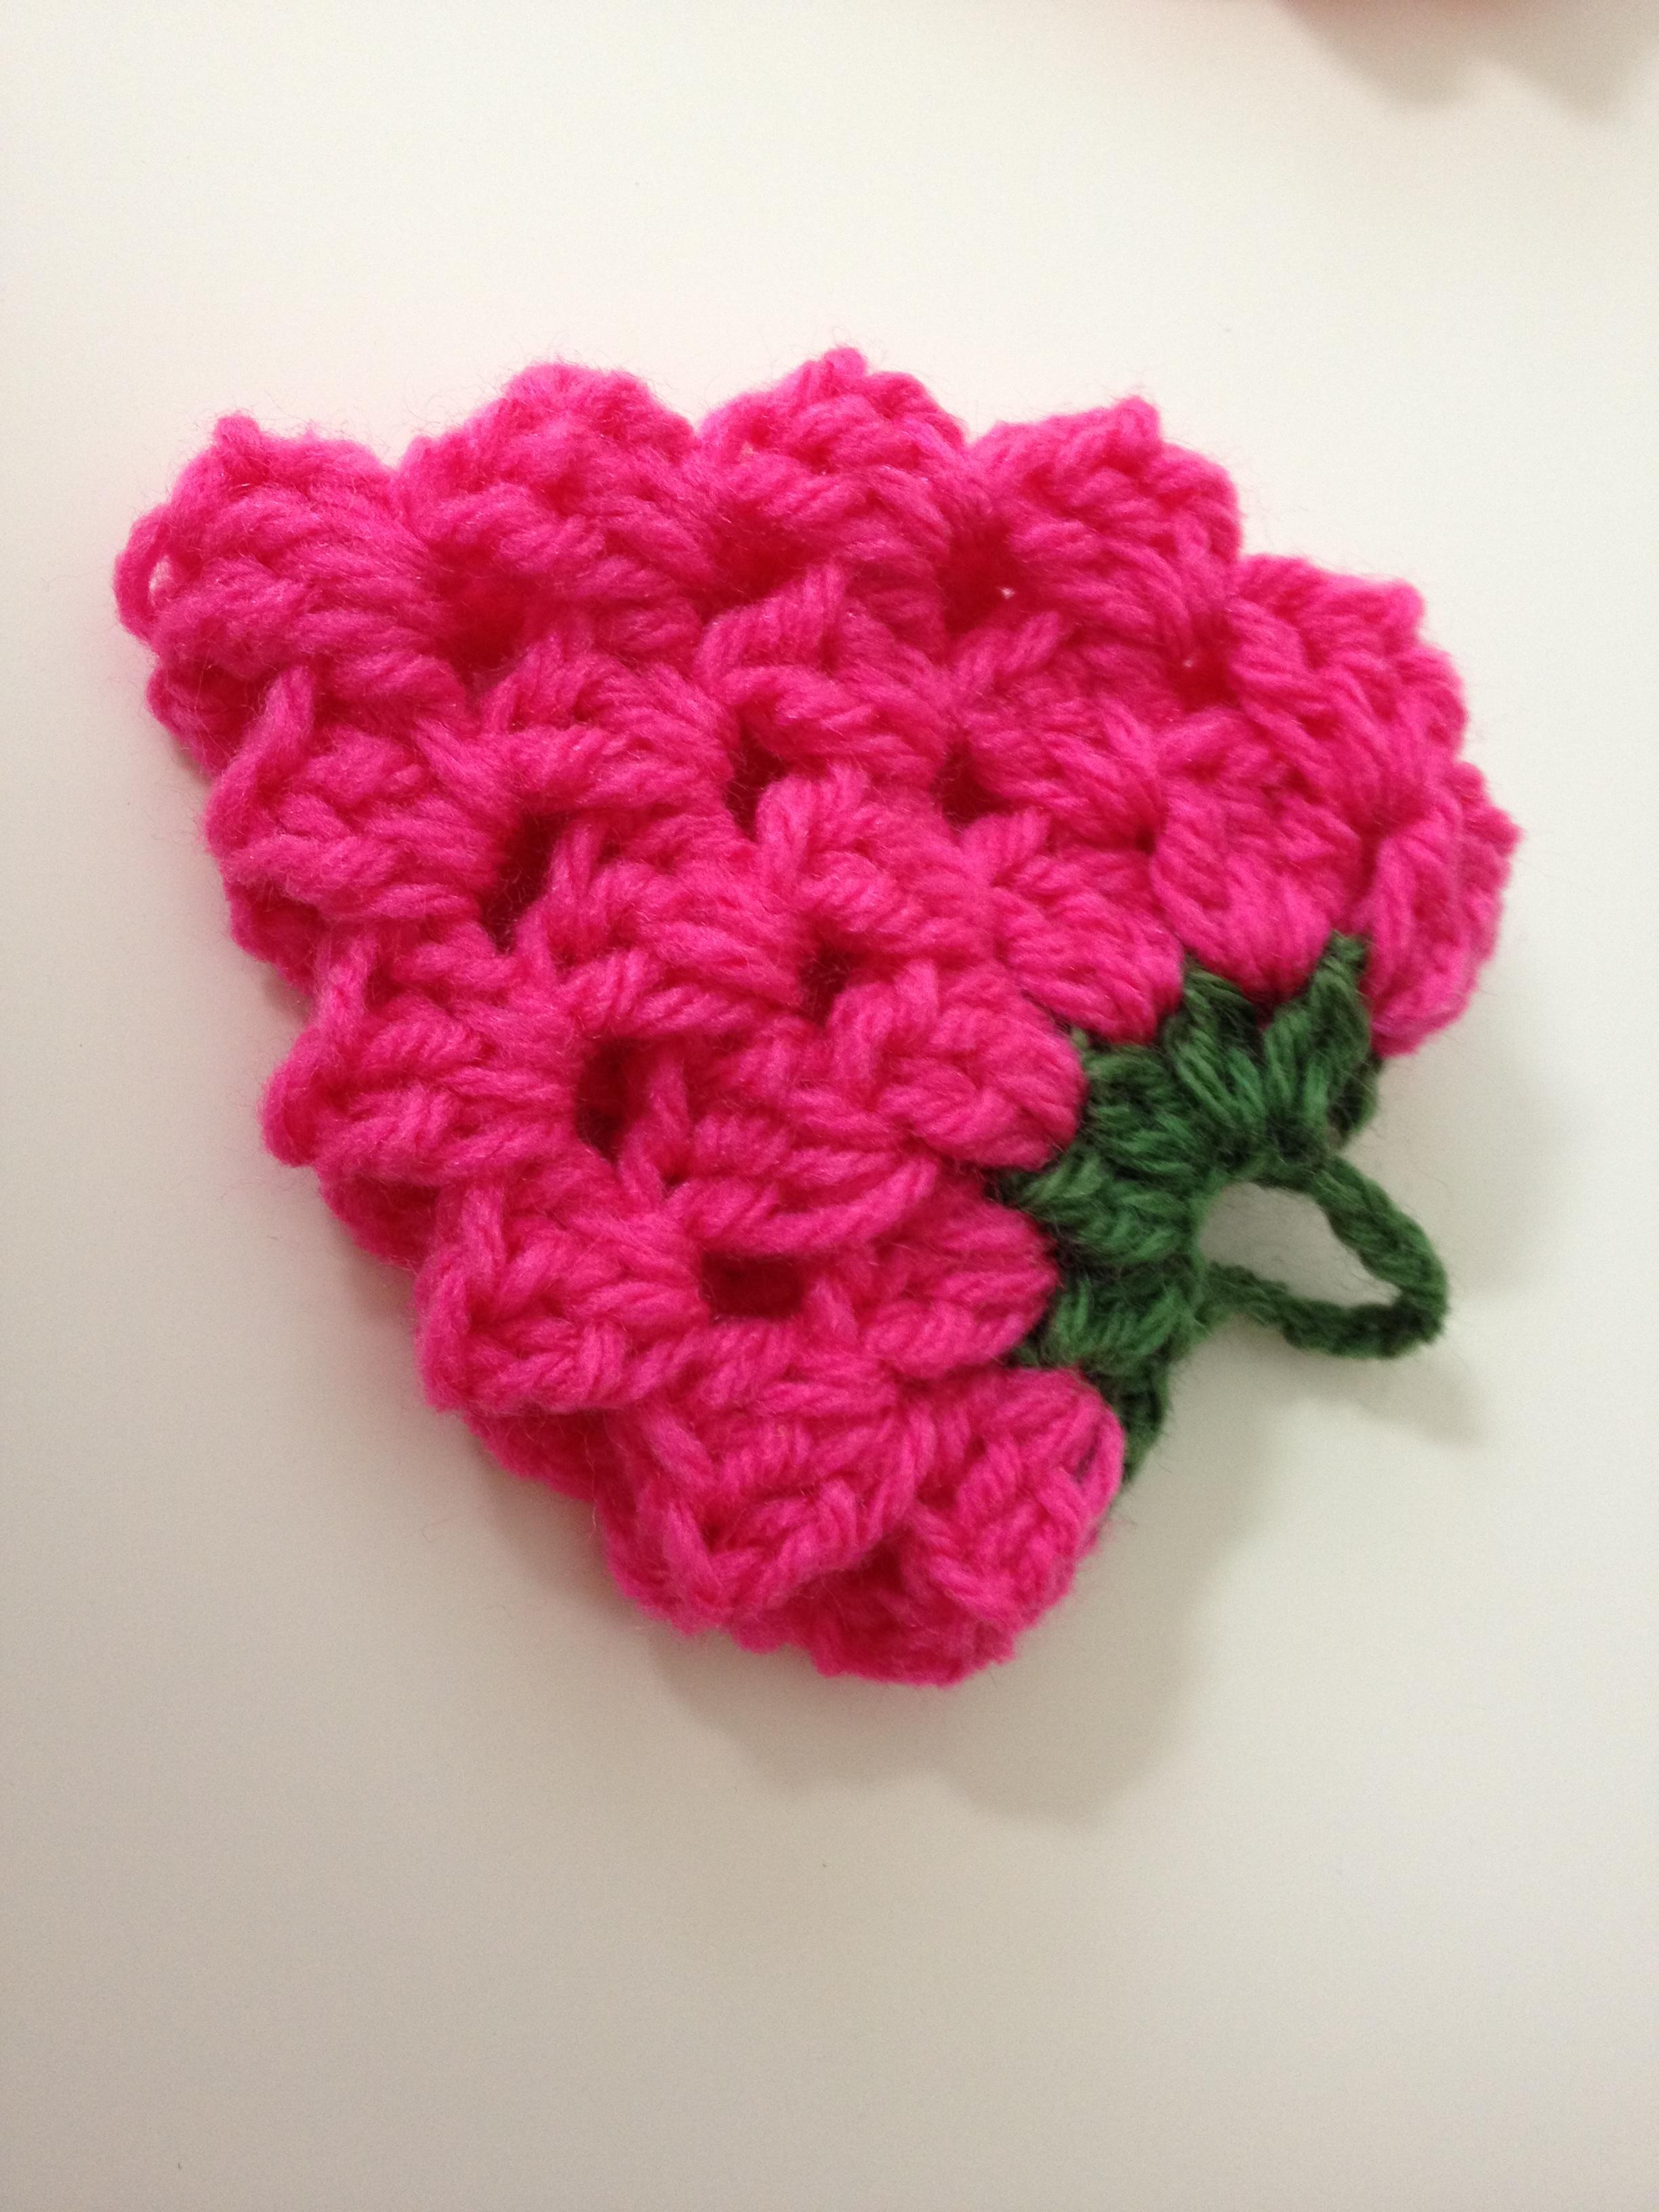 アクリルたわしの編み方!初心者でも簡単に毛糸でエコたわしの作り方   女性がキラキラ輝くために役立つ情報メディア